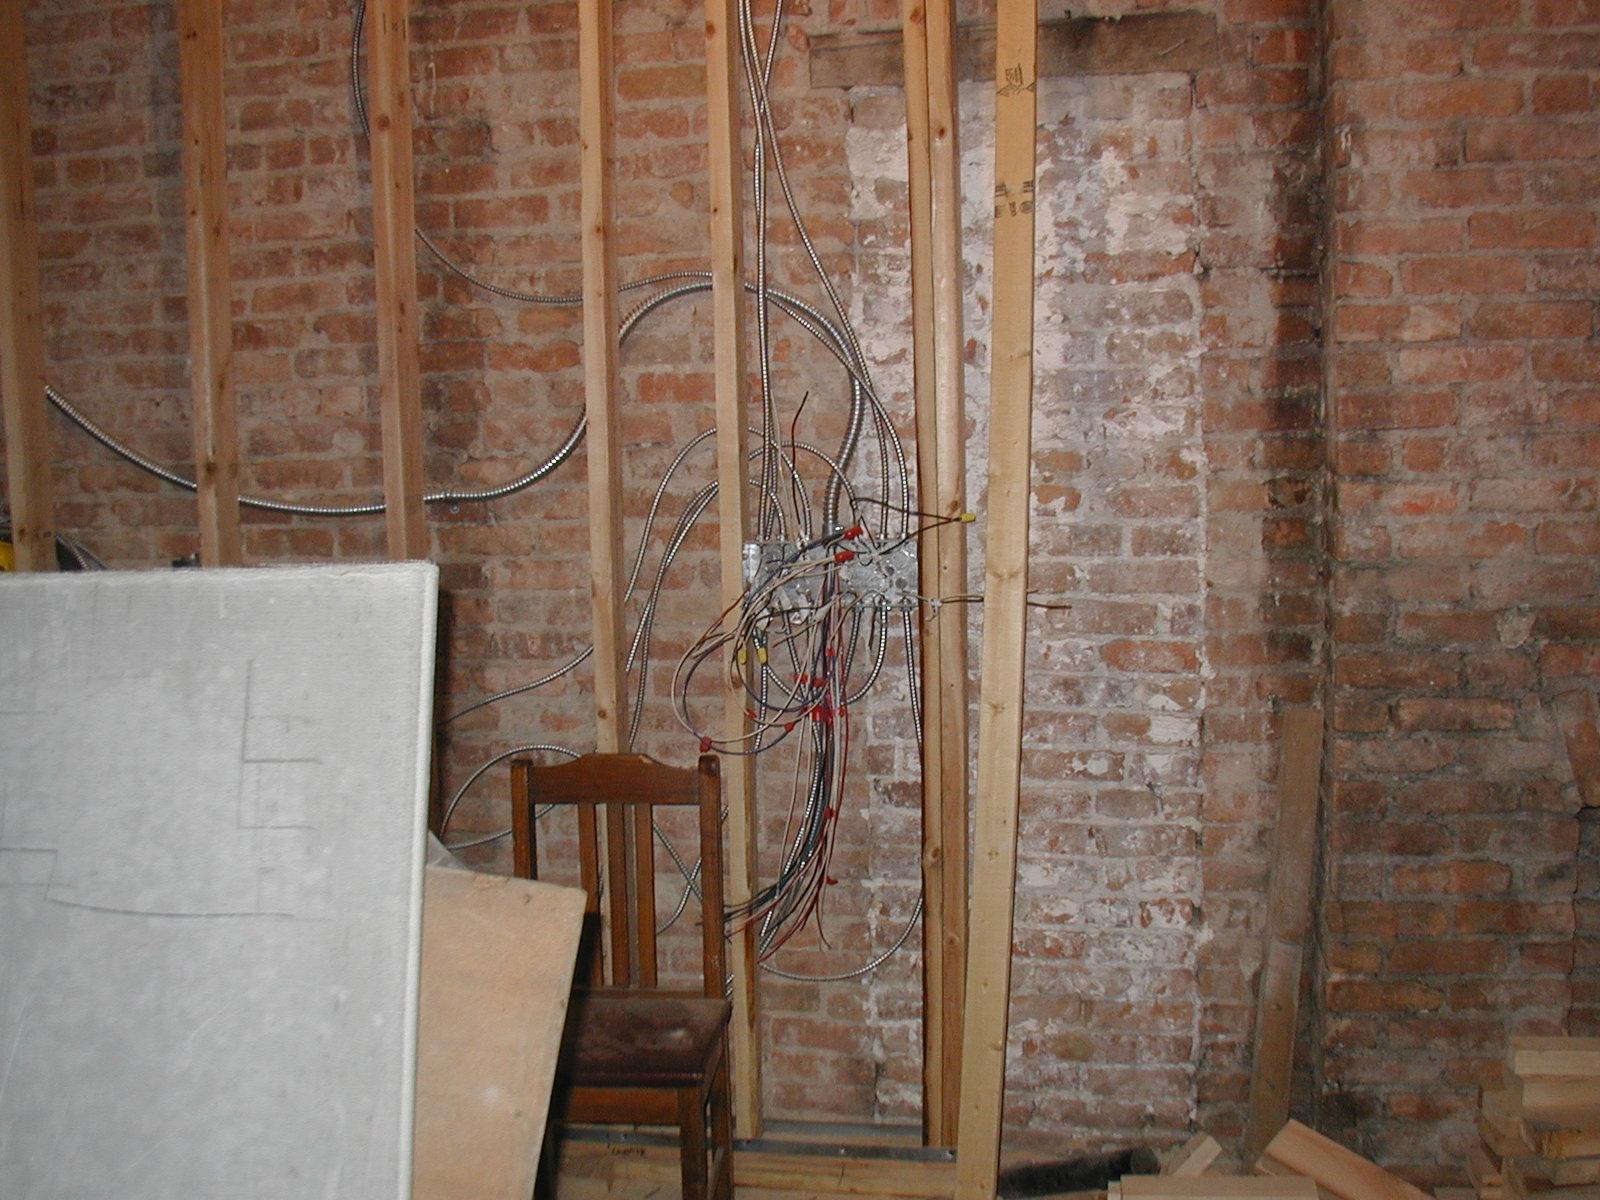 Interior Brick Walls Affordable How To Hang Art On Exposed Brick Walls Exposed Brick Blue And